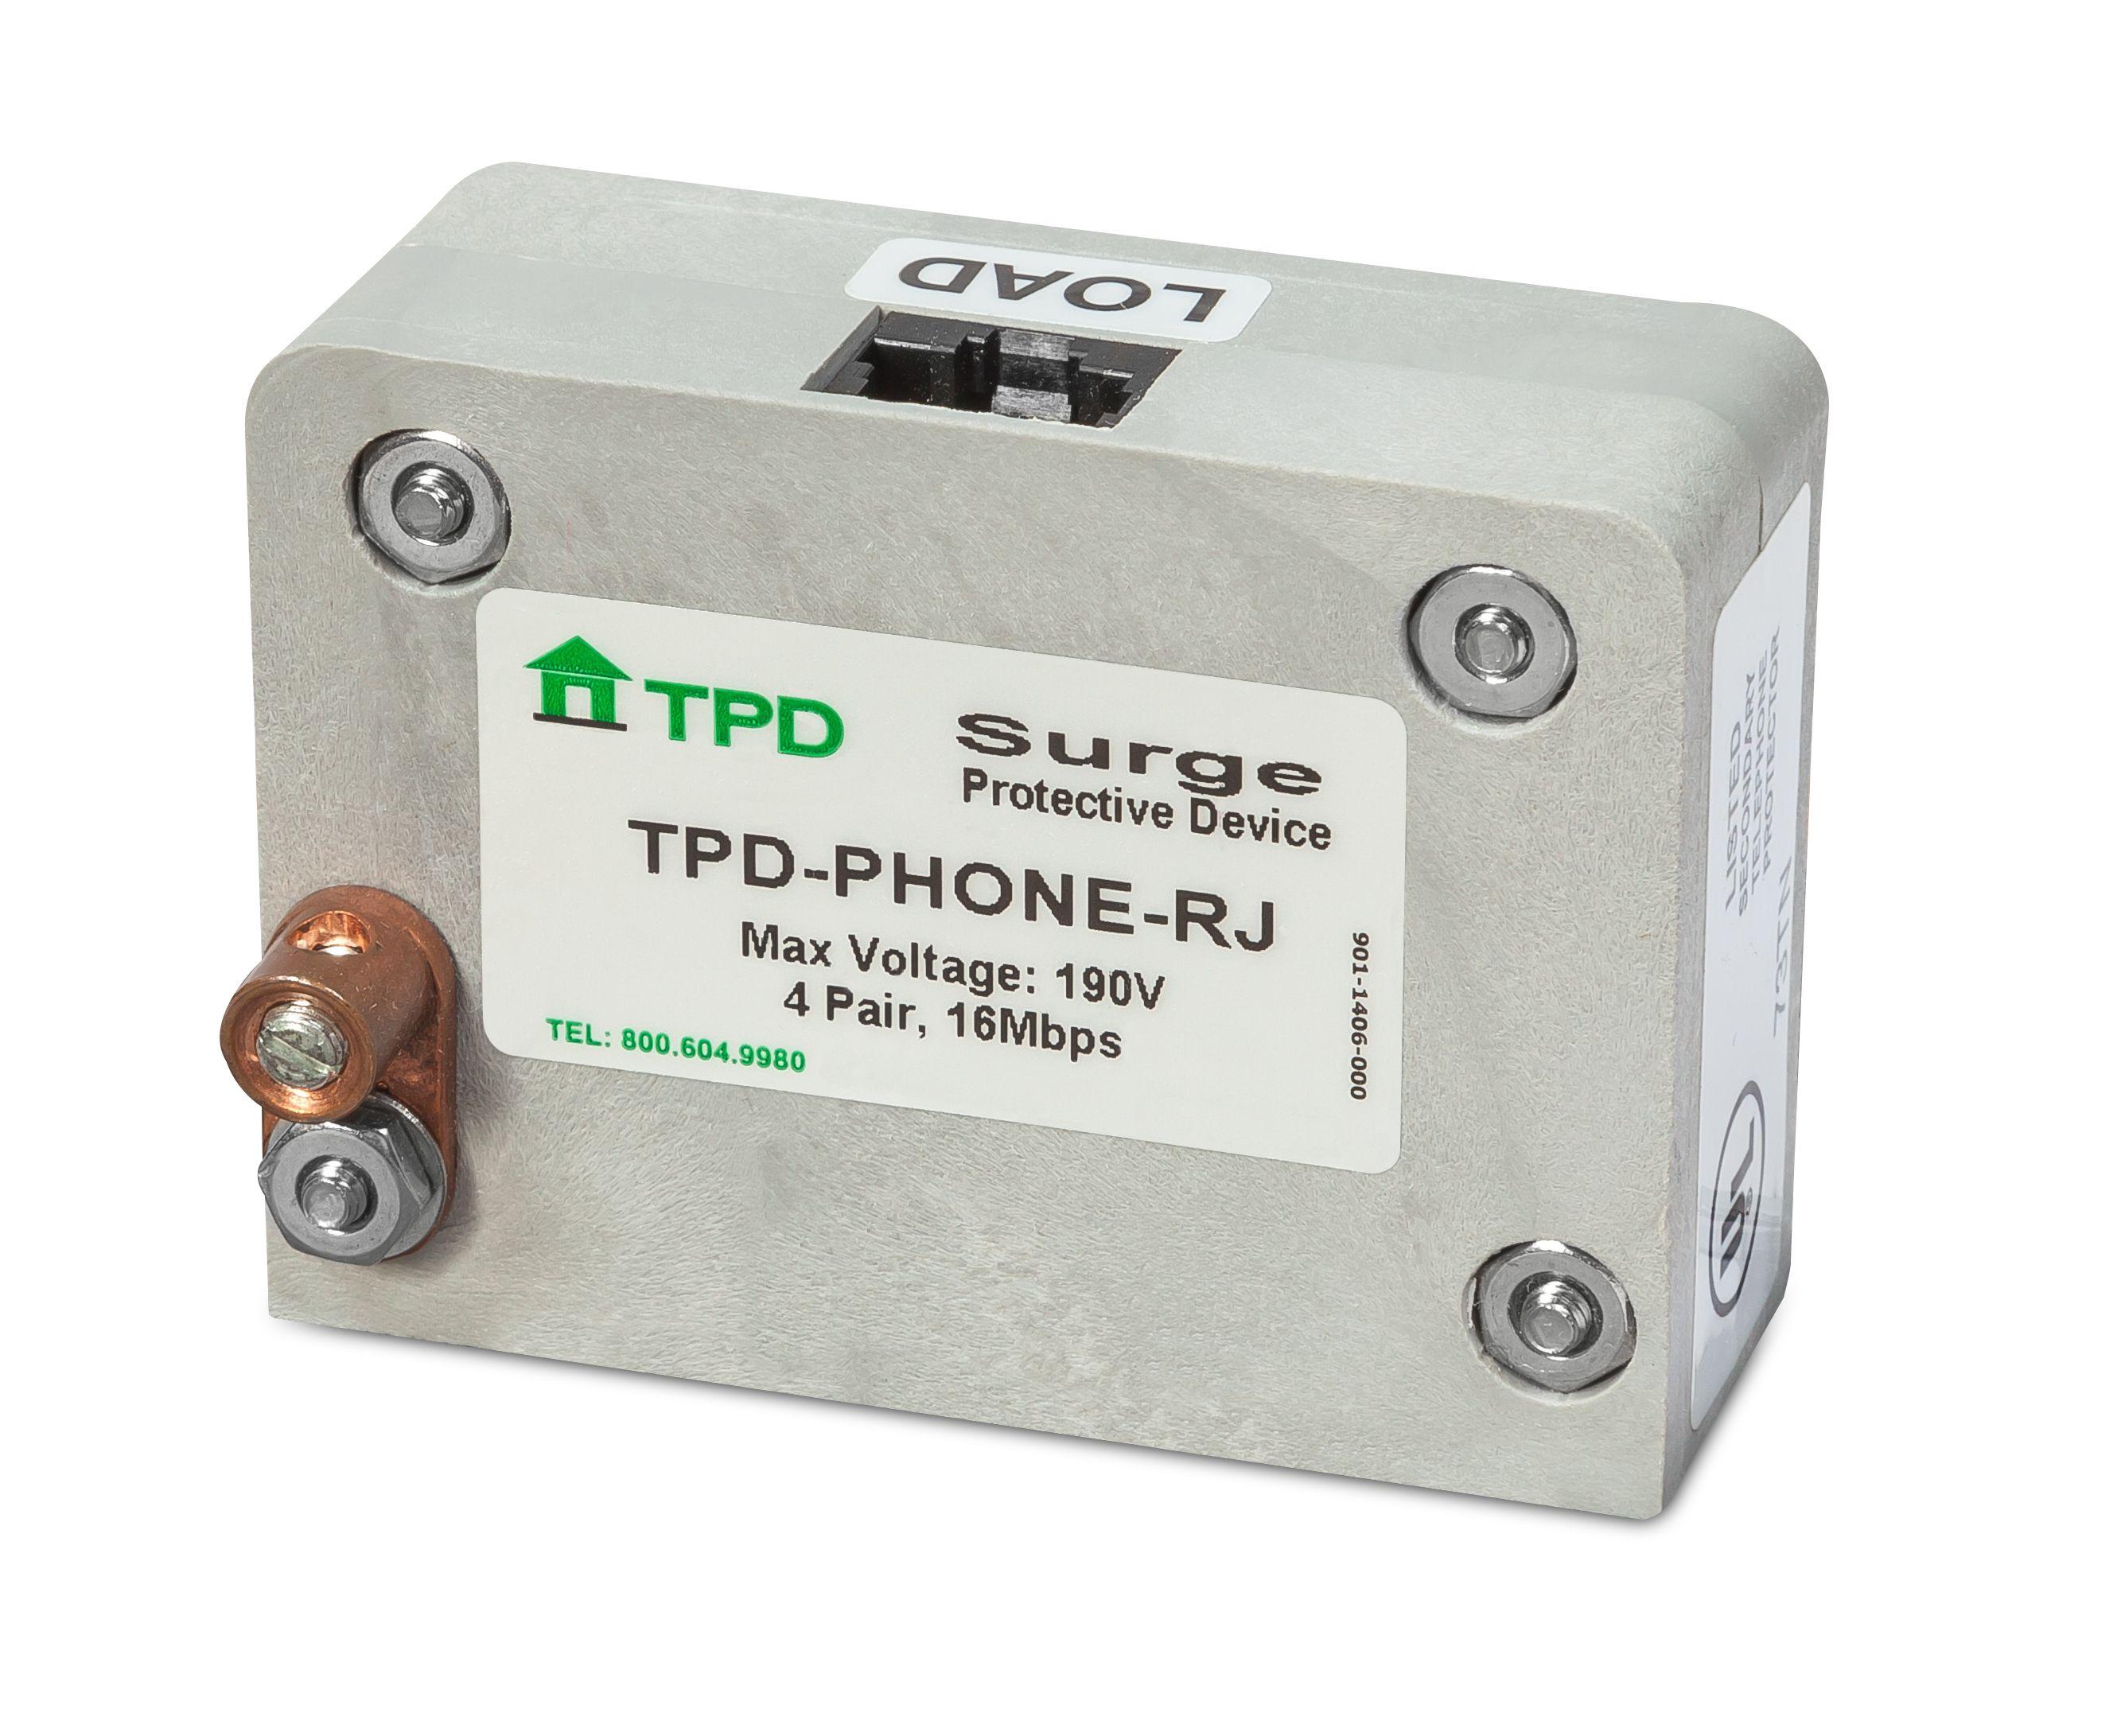 TPD-PHONE-RJ